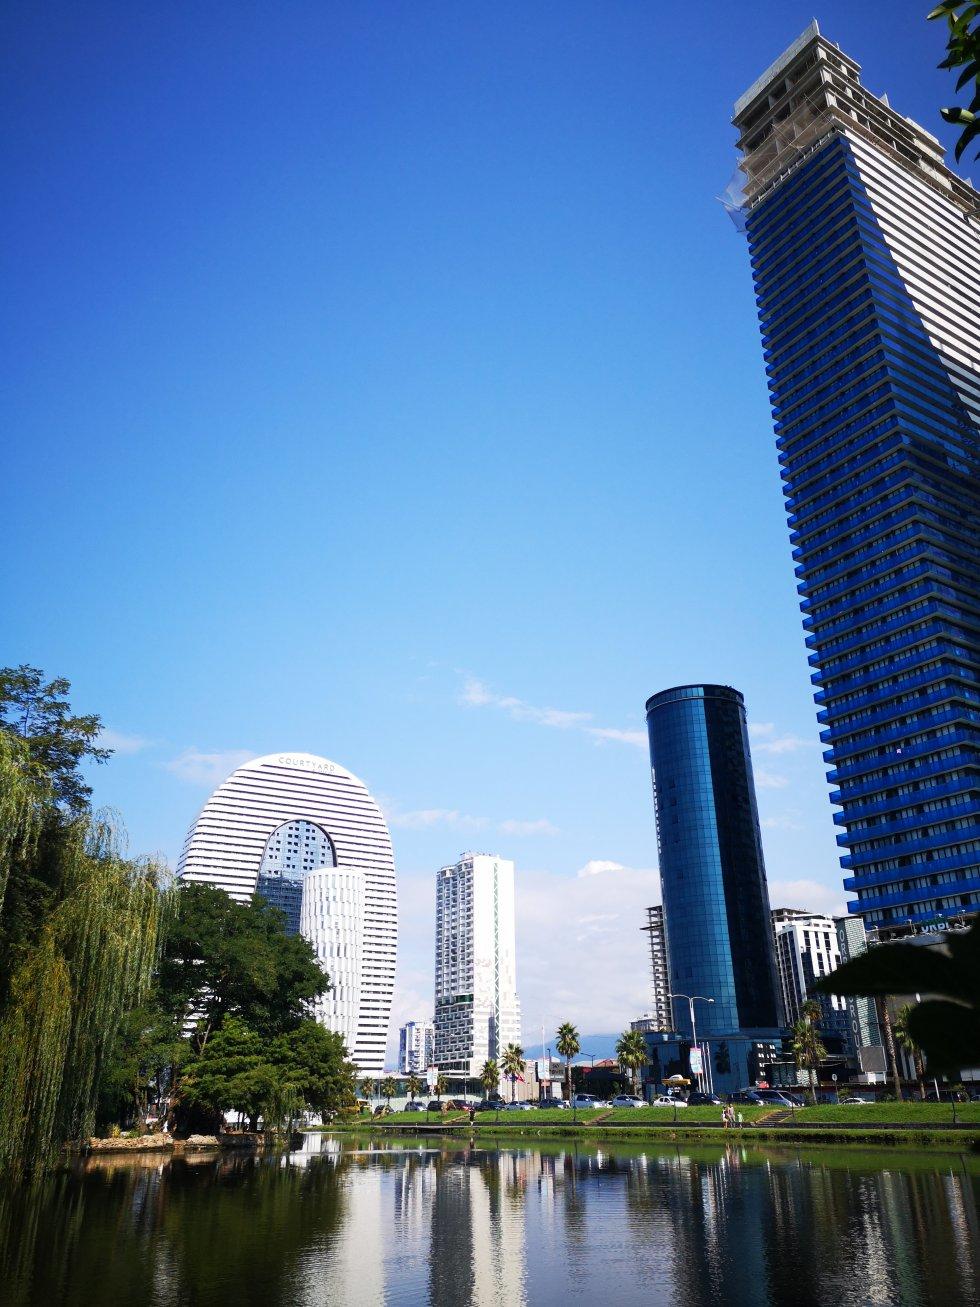 Modernos hoteles rascacielos de Batumi desde el parque 6 de Mayo.